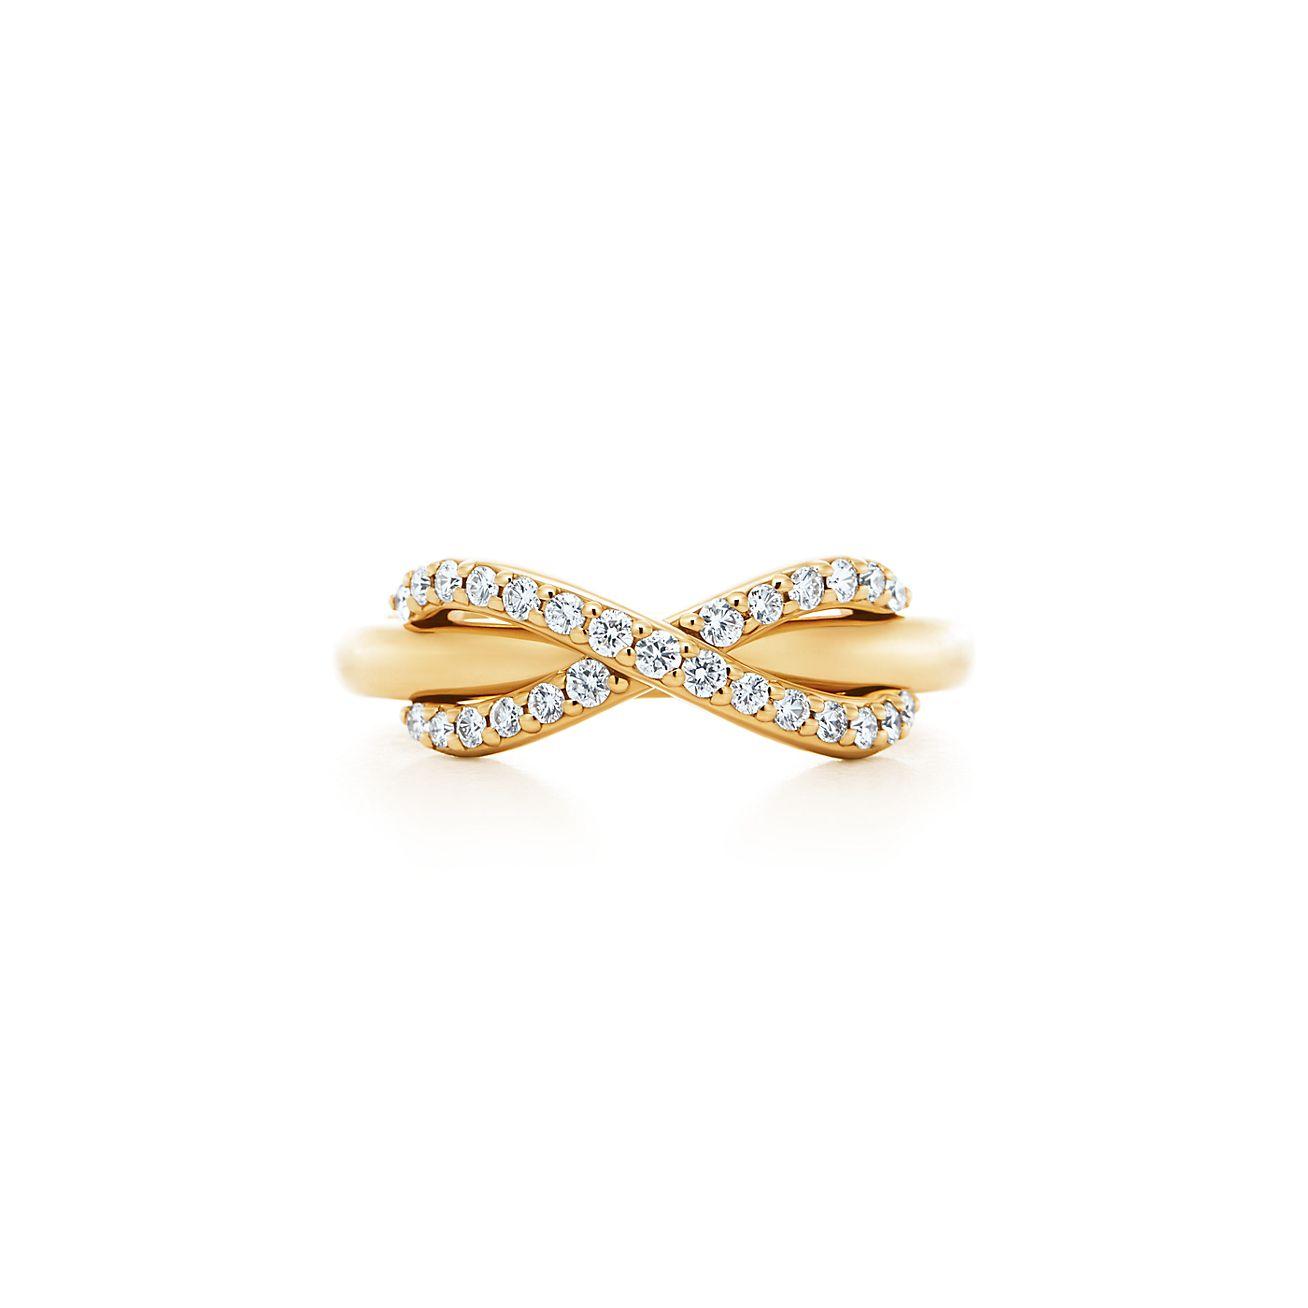 Anillo De Tiffany En El Infinito Oro De 18 Quilates - Tamaño 5 Tiffany & Co. NlvFSvSjW